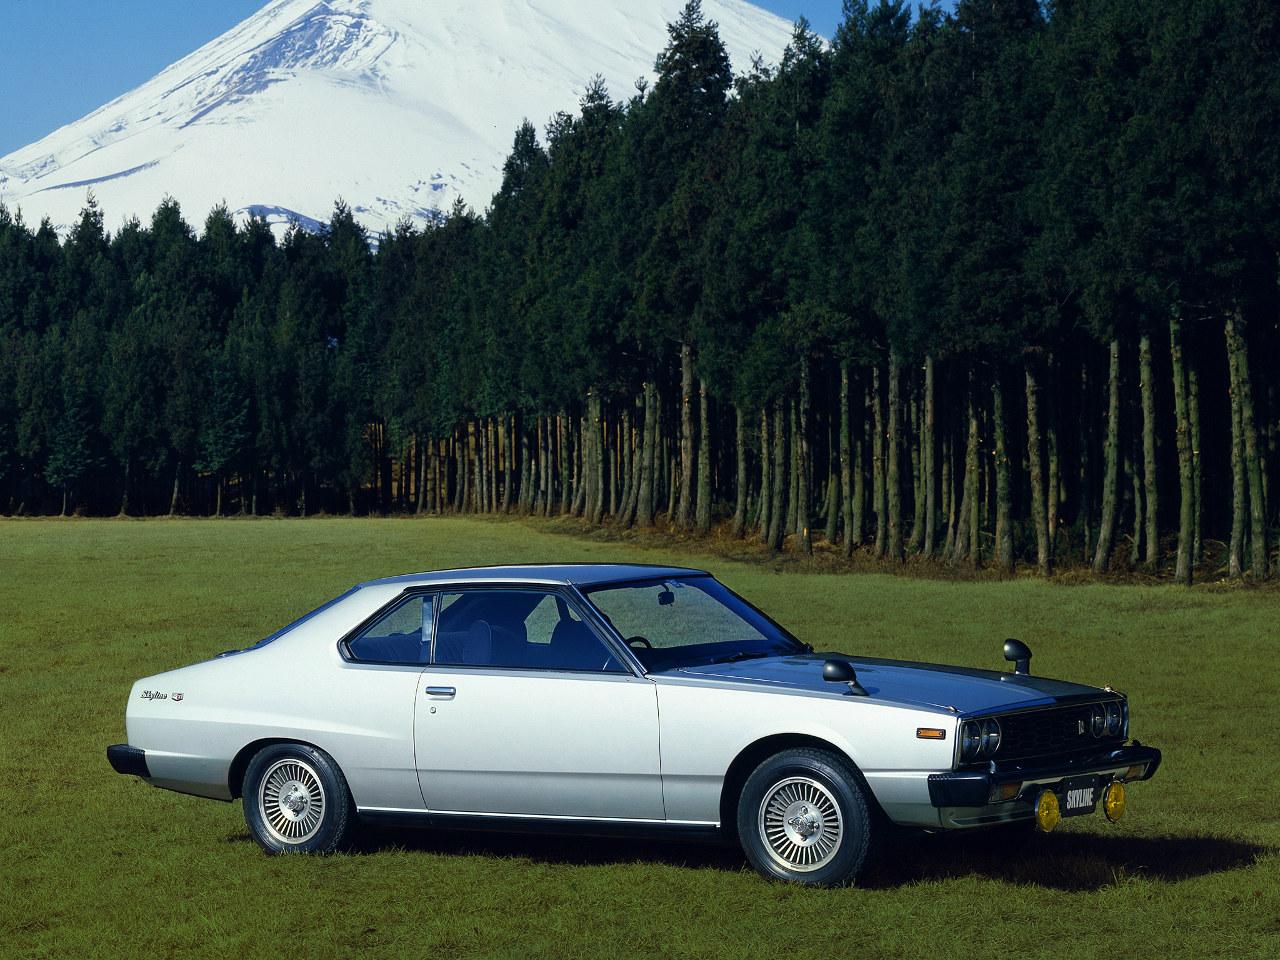 [Image: Nissan%2BSkyline%2B2000GT-E%2BS%2BHardto...p%2529.jpg]